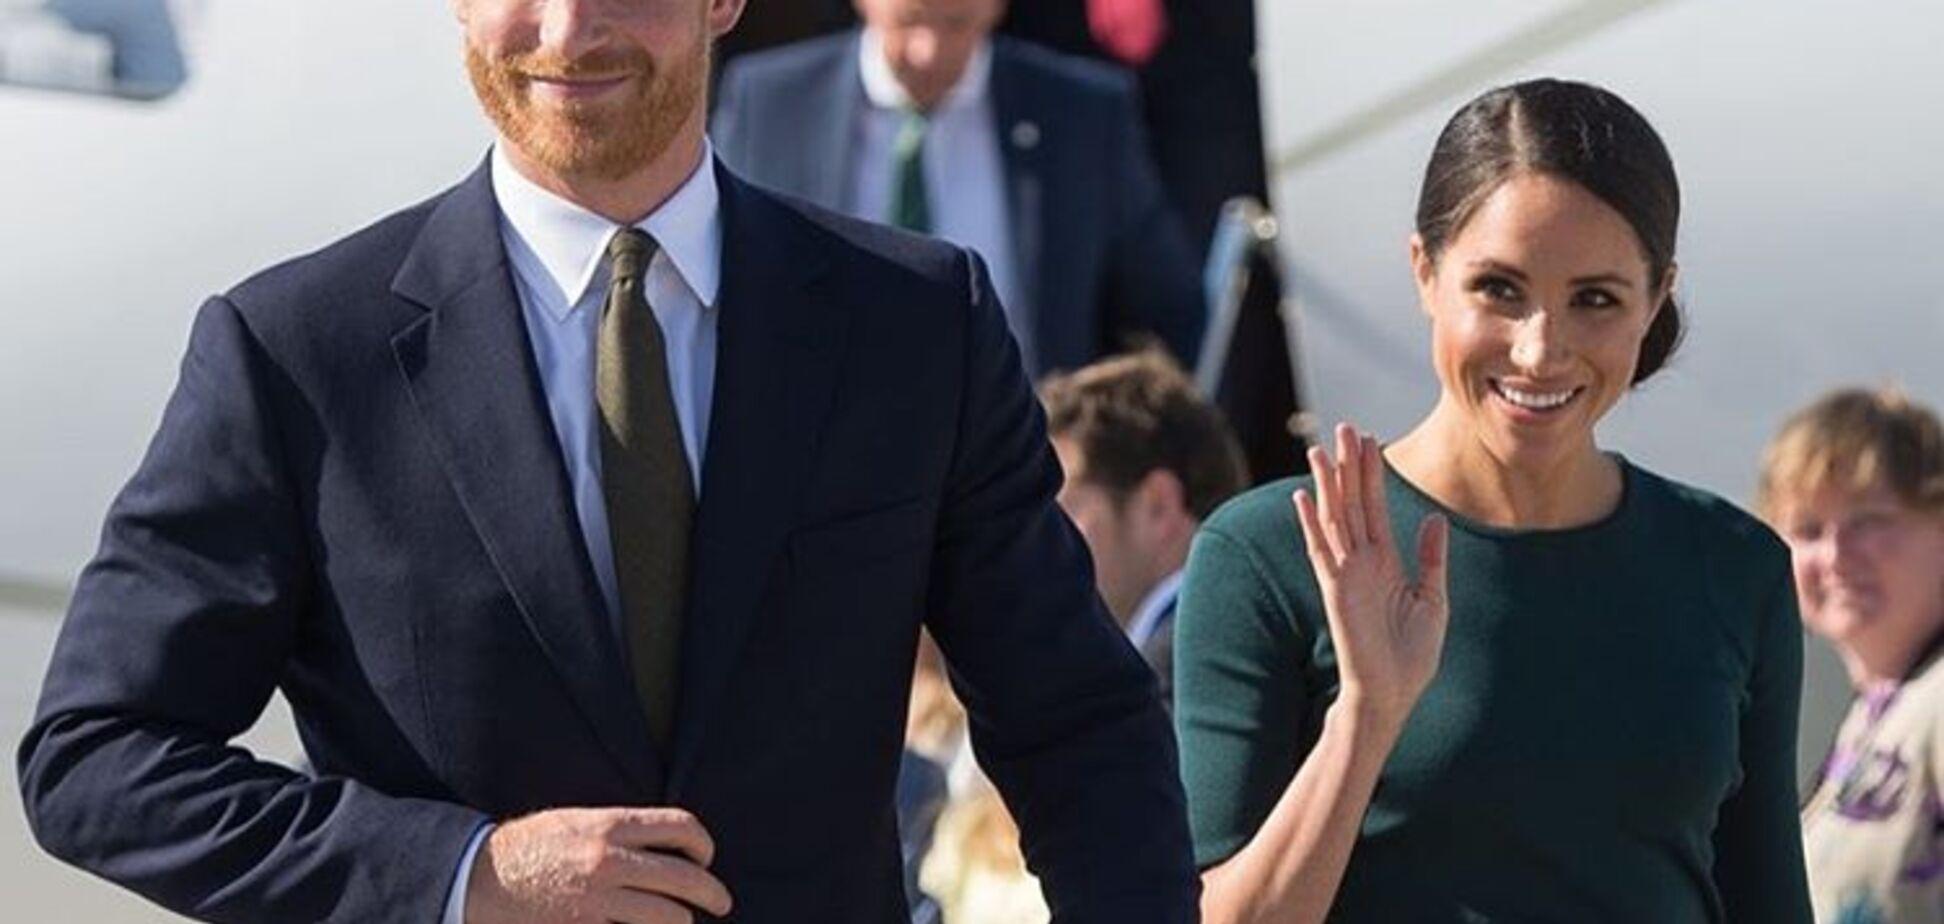 Маркл проглядела? Принц Гарри оконфузился из-за внешнего вида на свадьбе